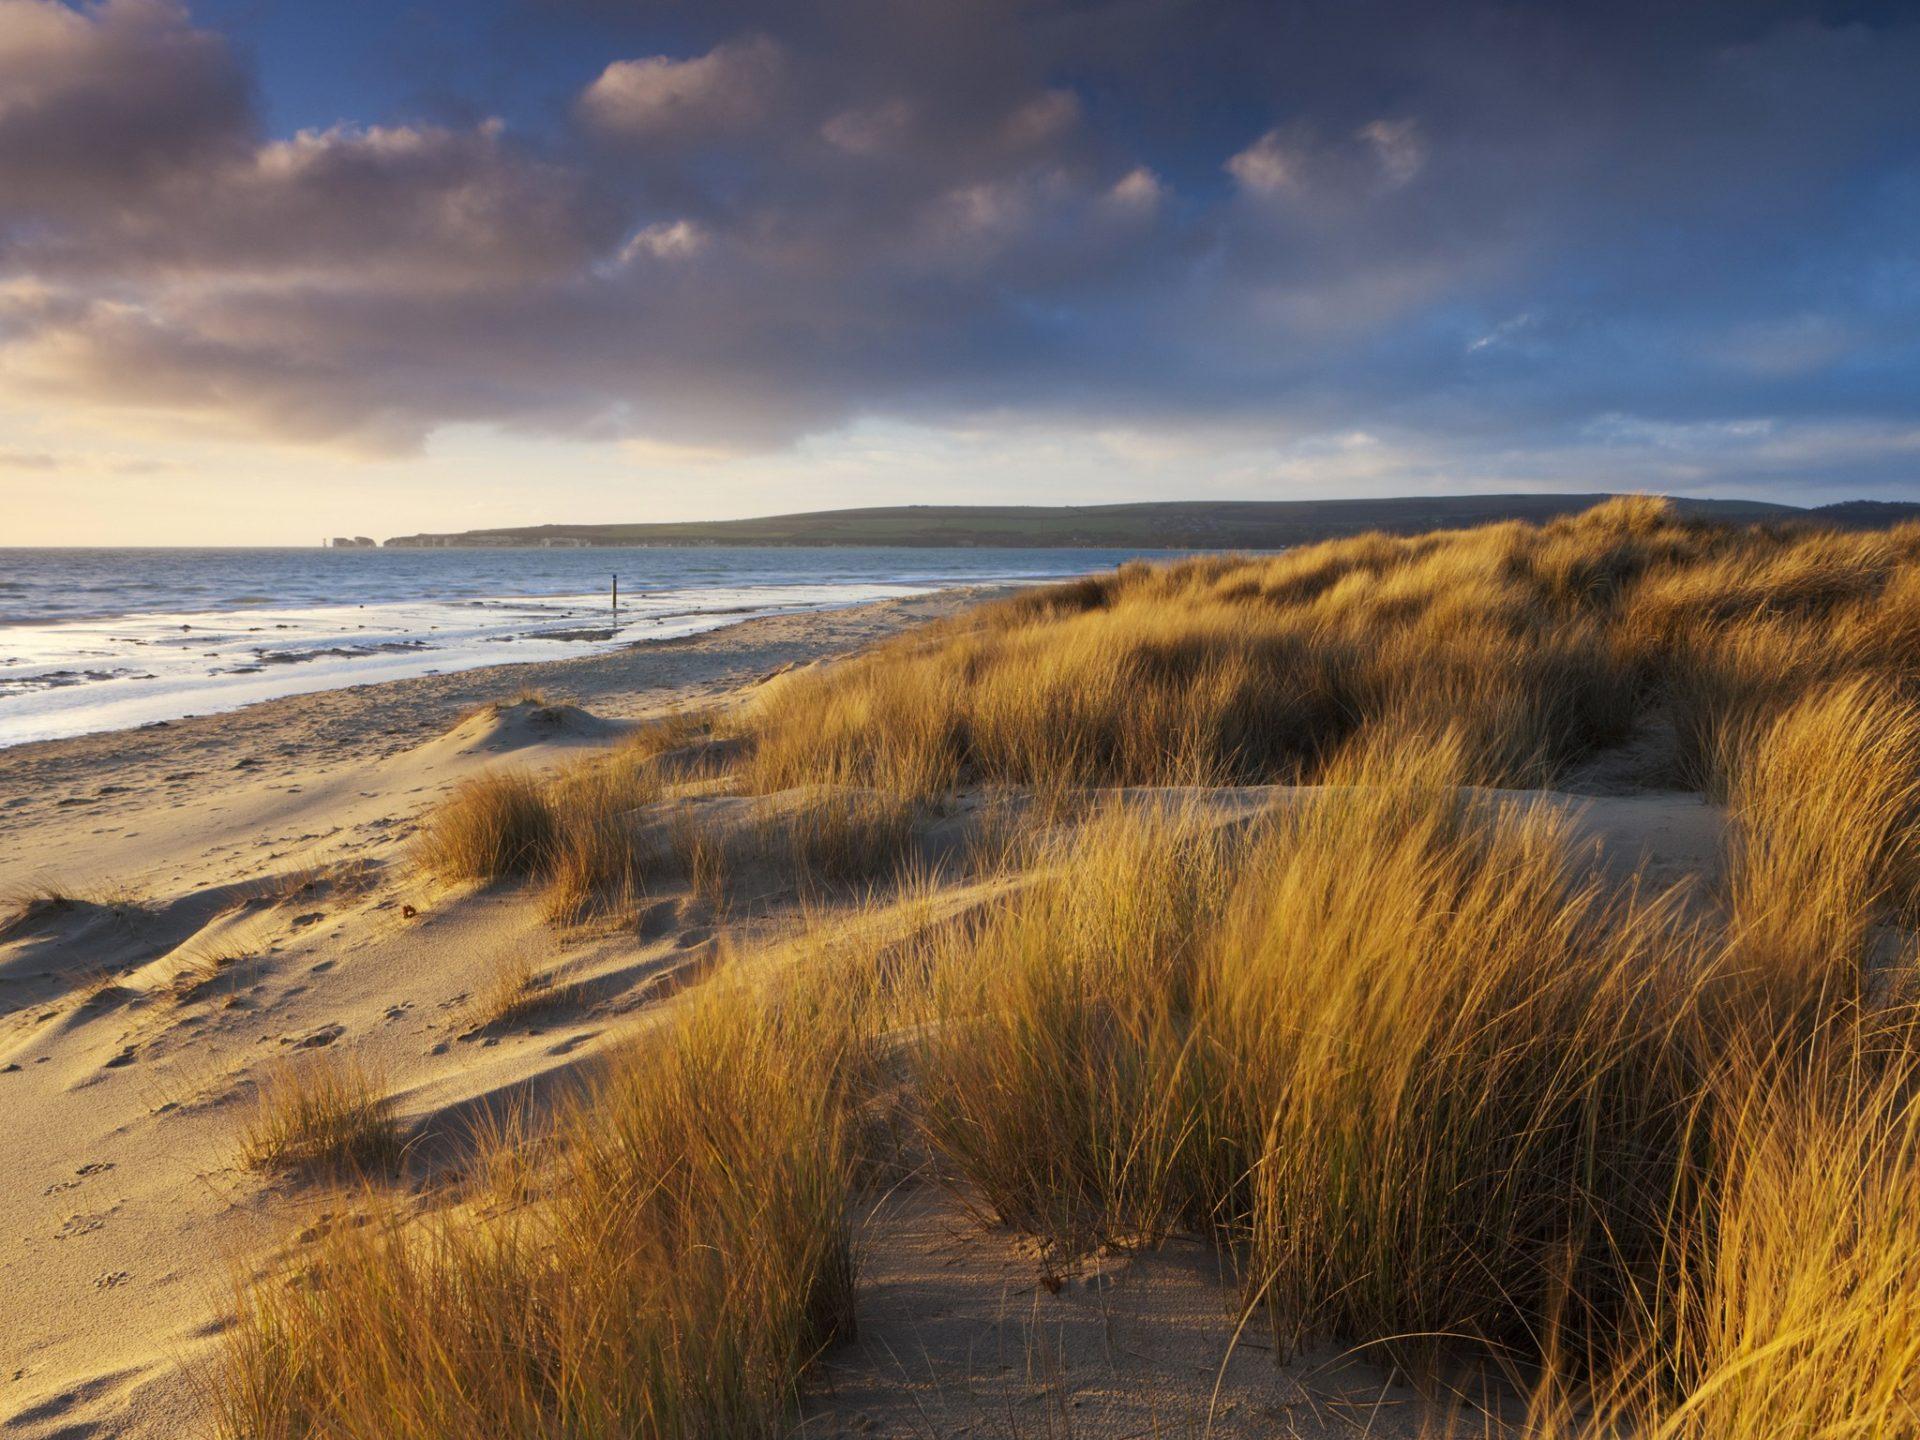 10. Пляж Студленд, графство Дорсет, Великобритания.